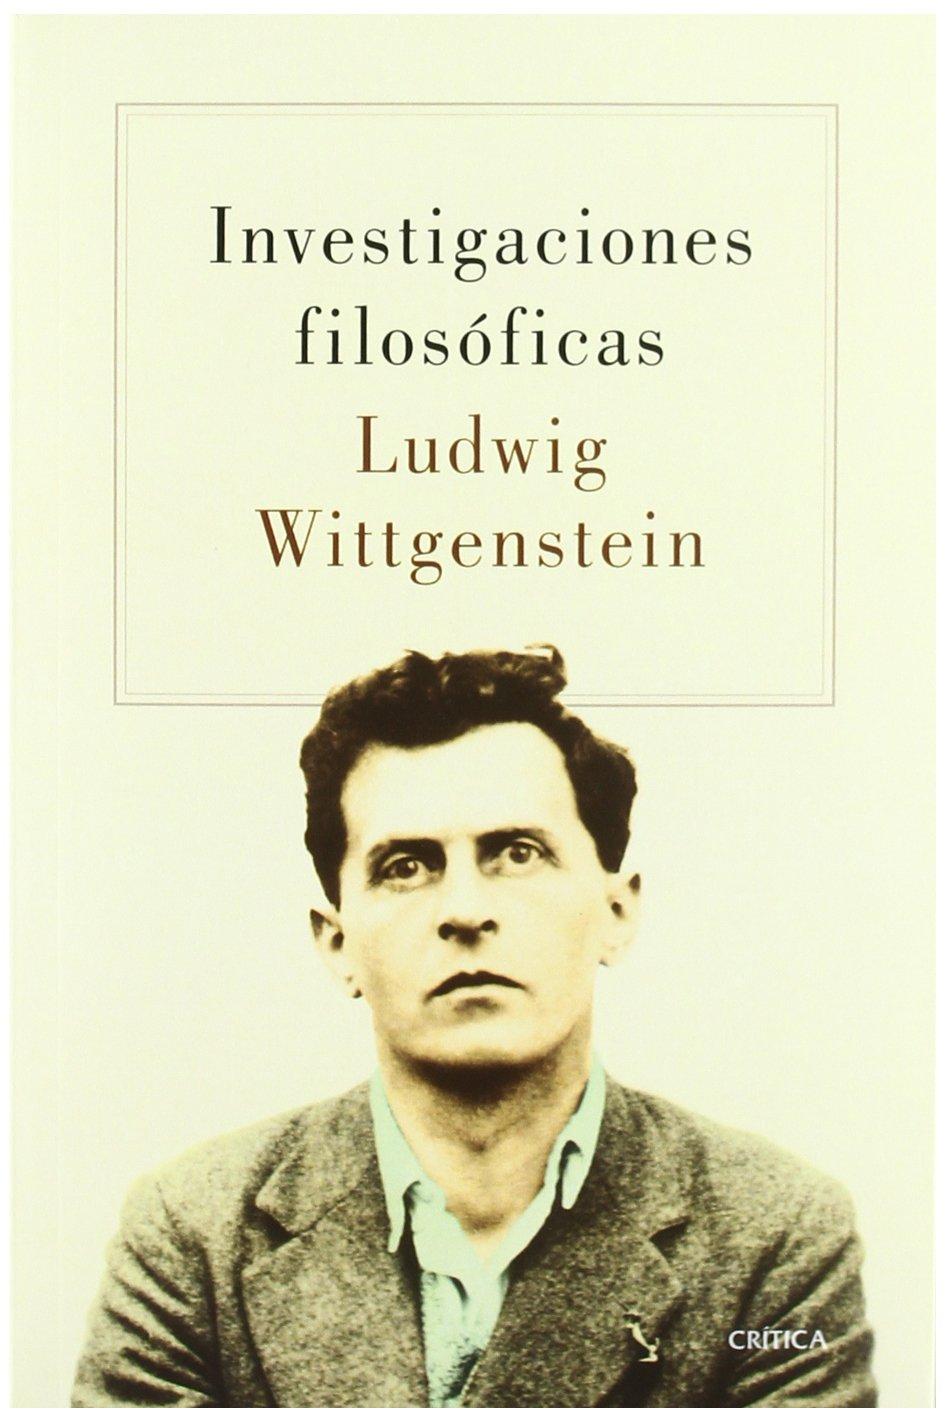 Wittgestein: Investigaciones filosóficas